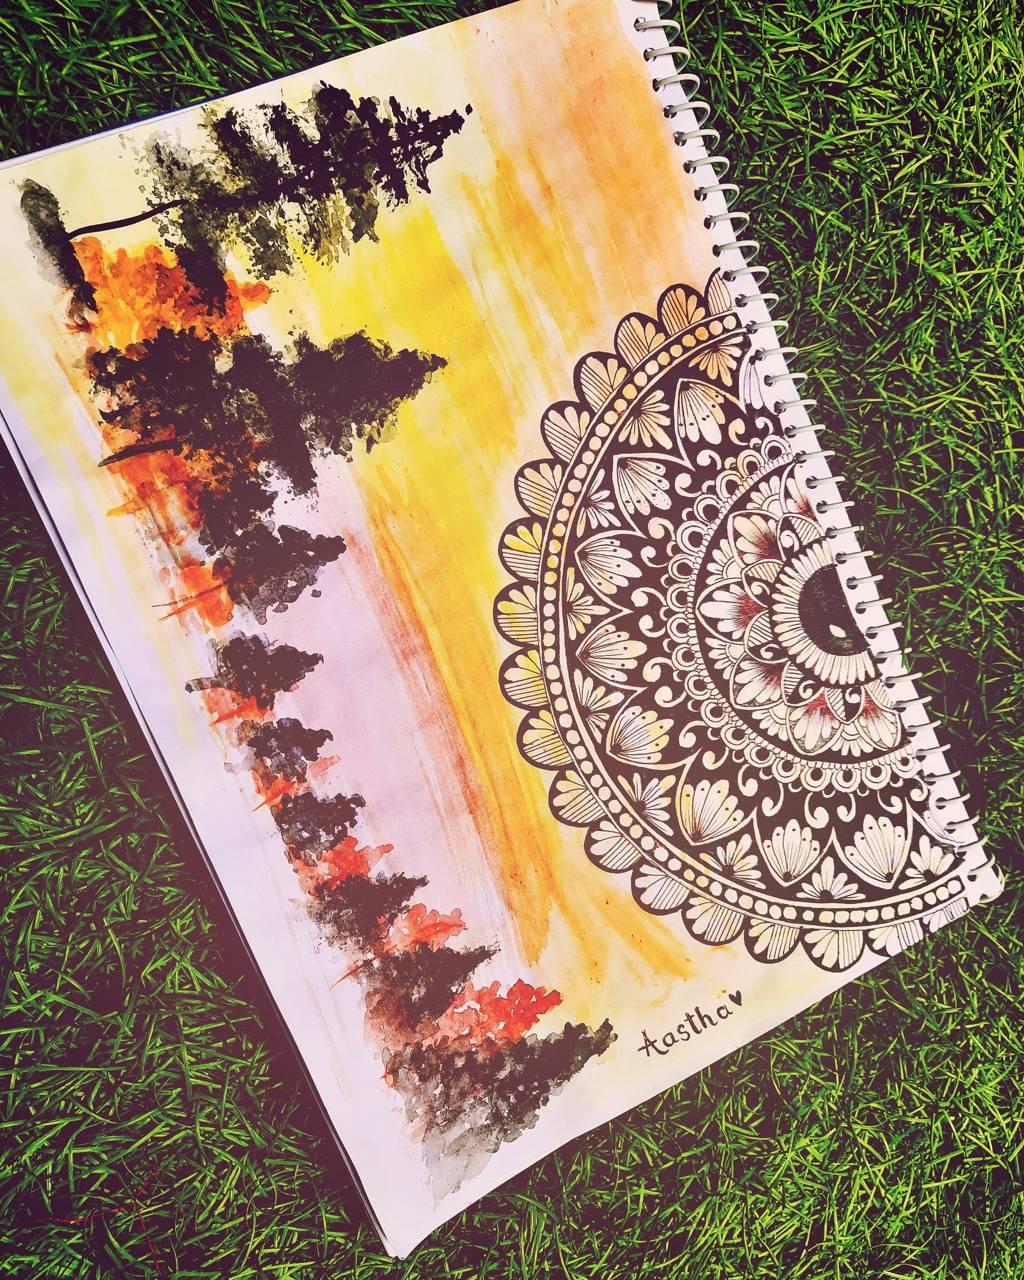 Mandala nature art